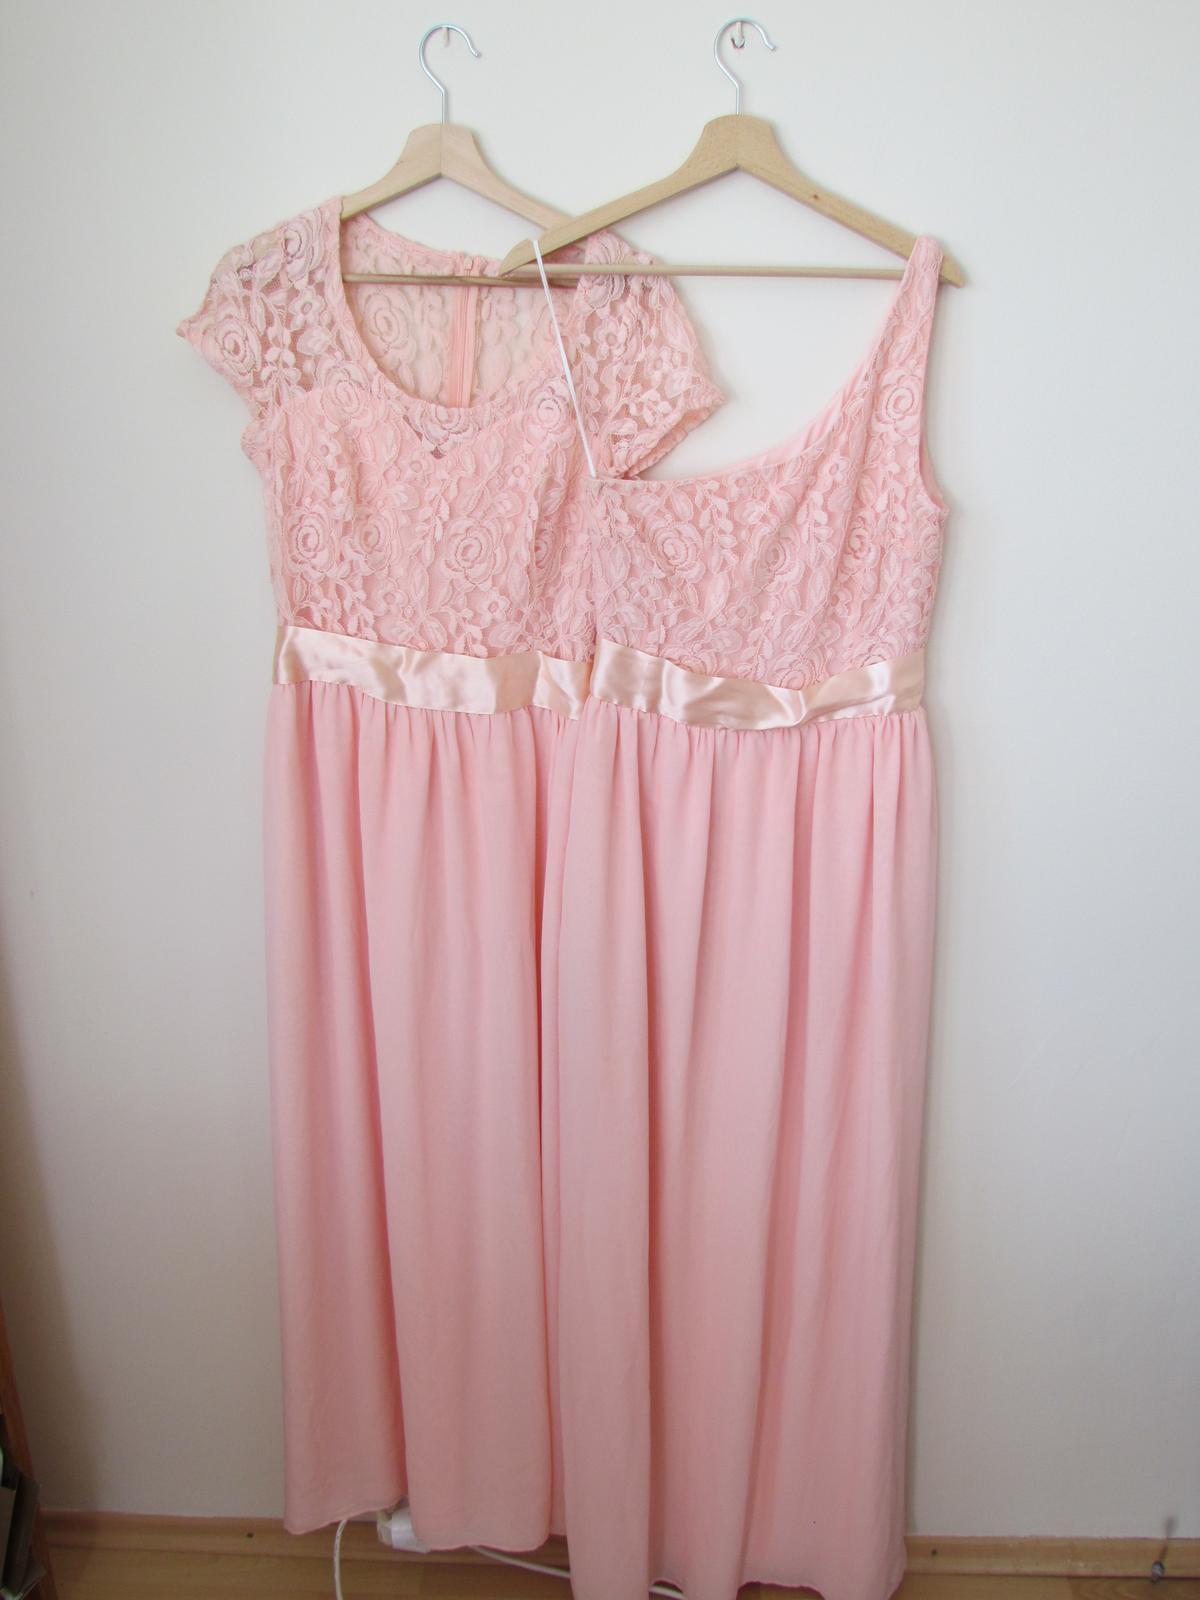 Marhuľovo ružové spoločenské/ družičkovské šaty - Obrázok č. 1